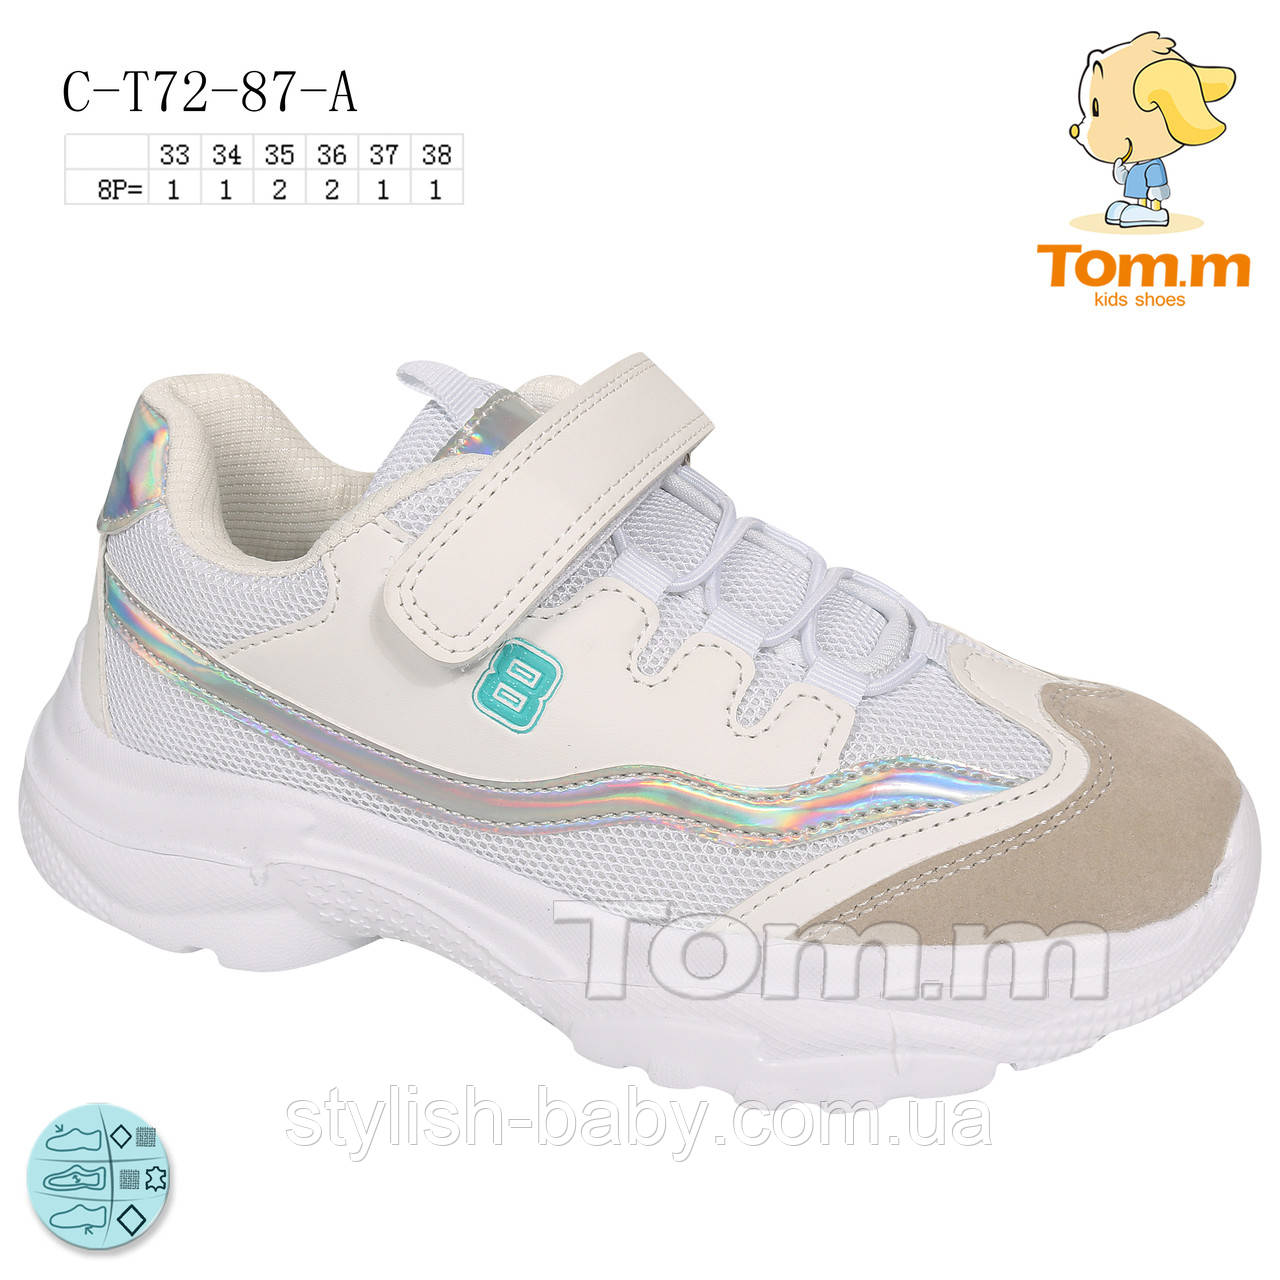 Детская спортивная обувь 2020 оптом. Детская обувь бренда Tom.m для девочек (рр. с 33 по 38)